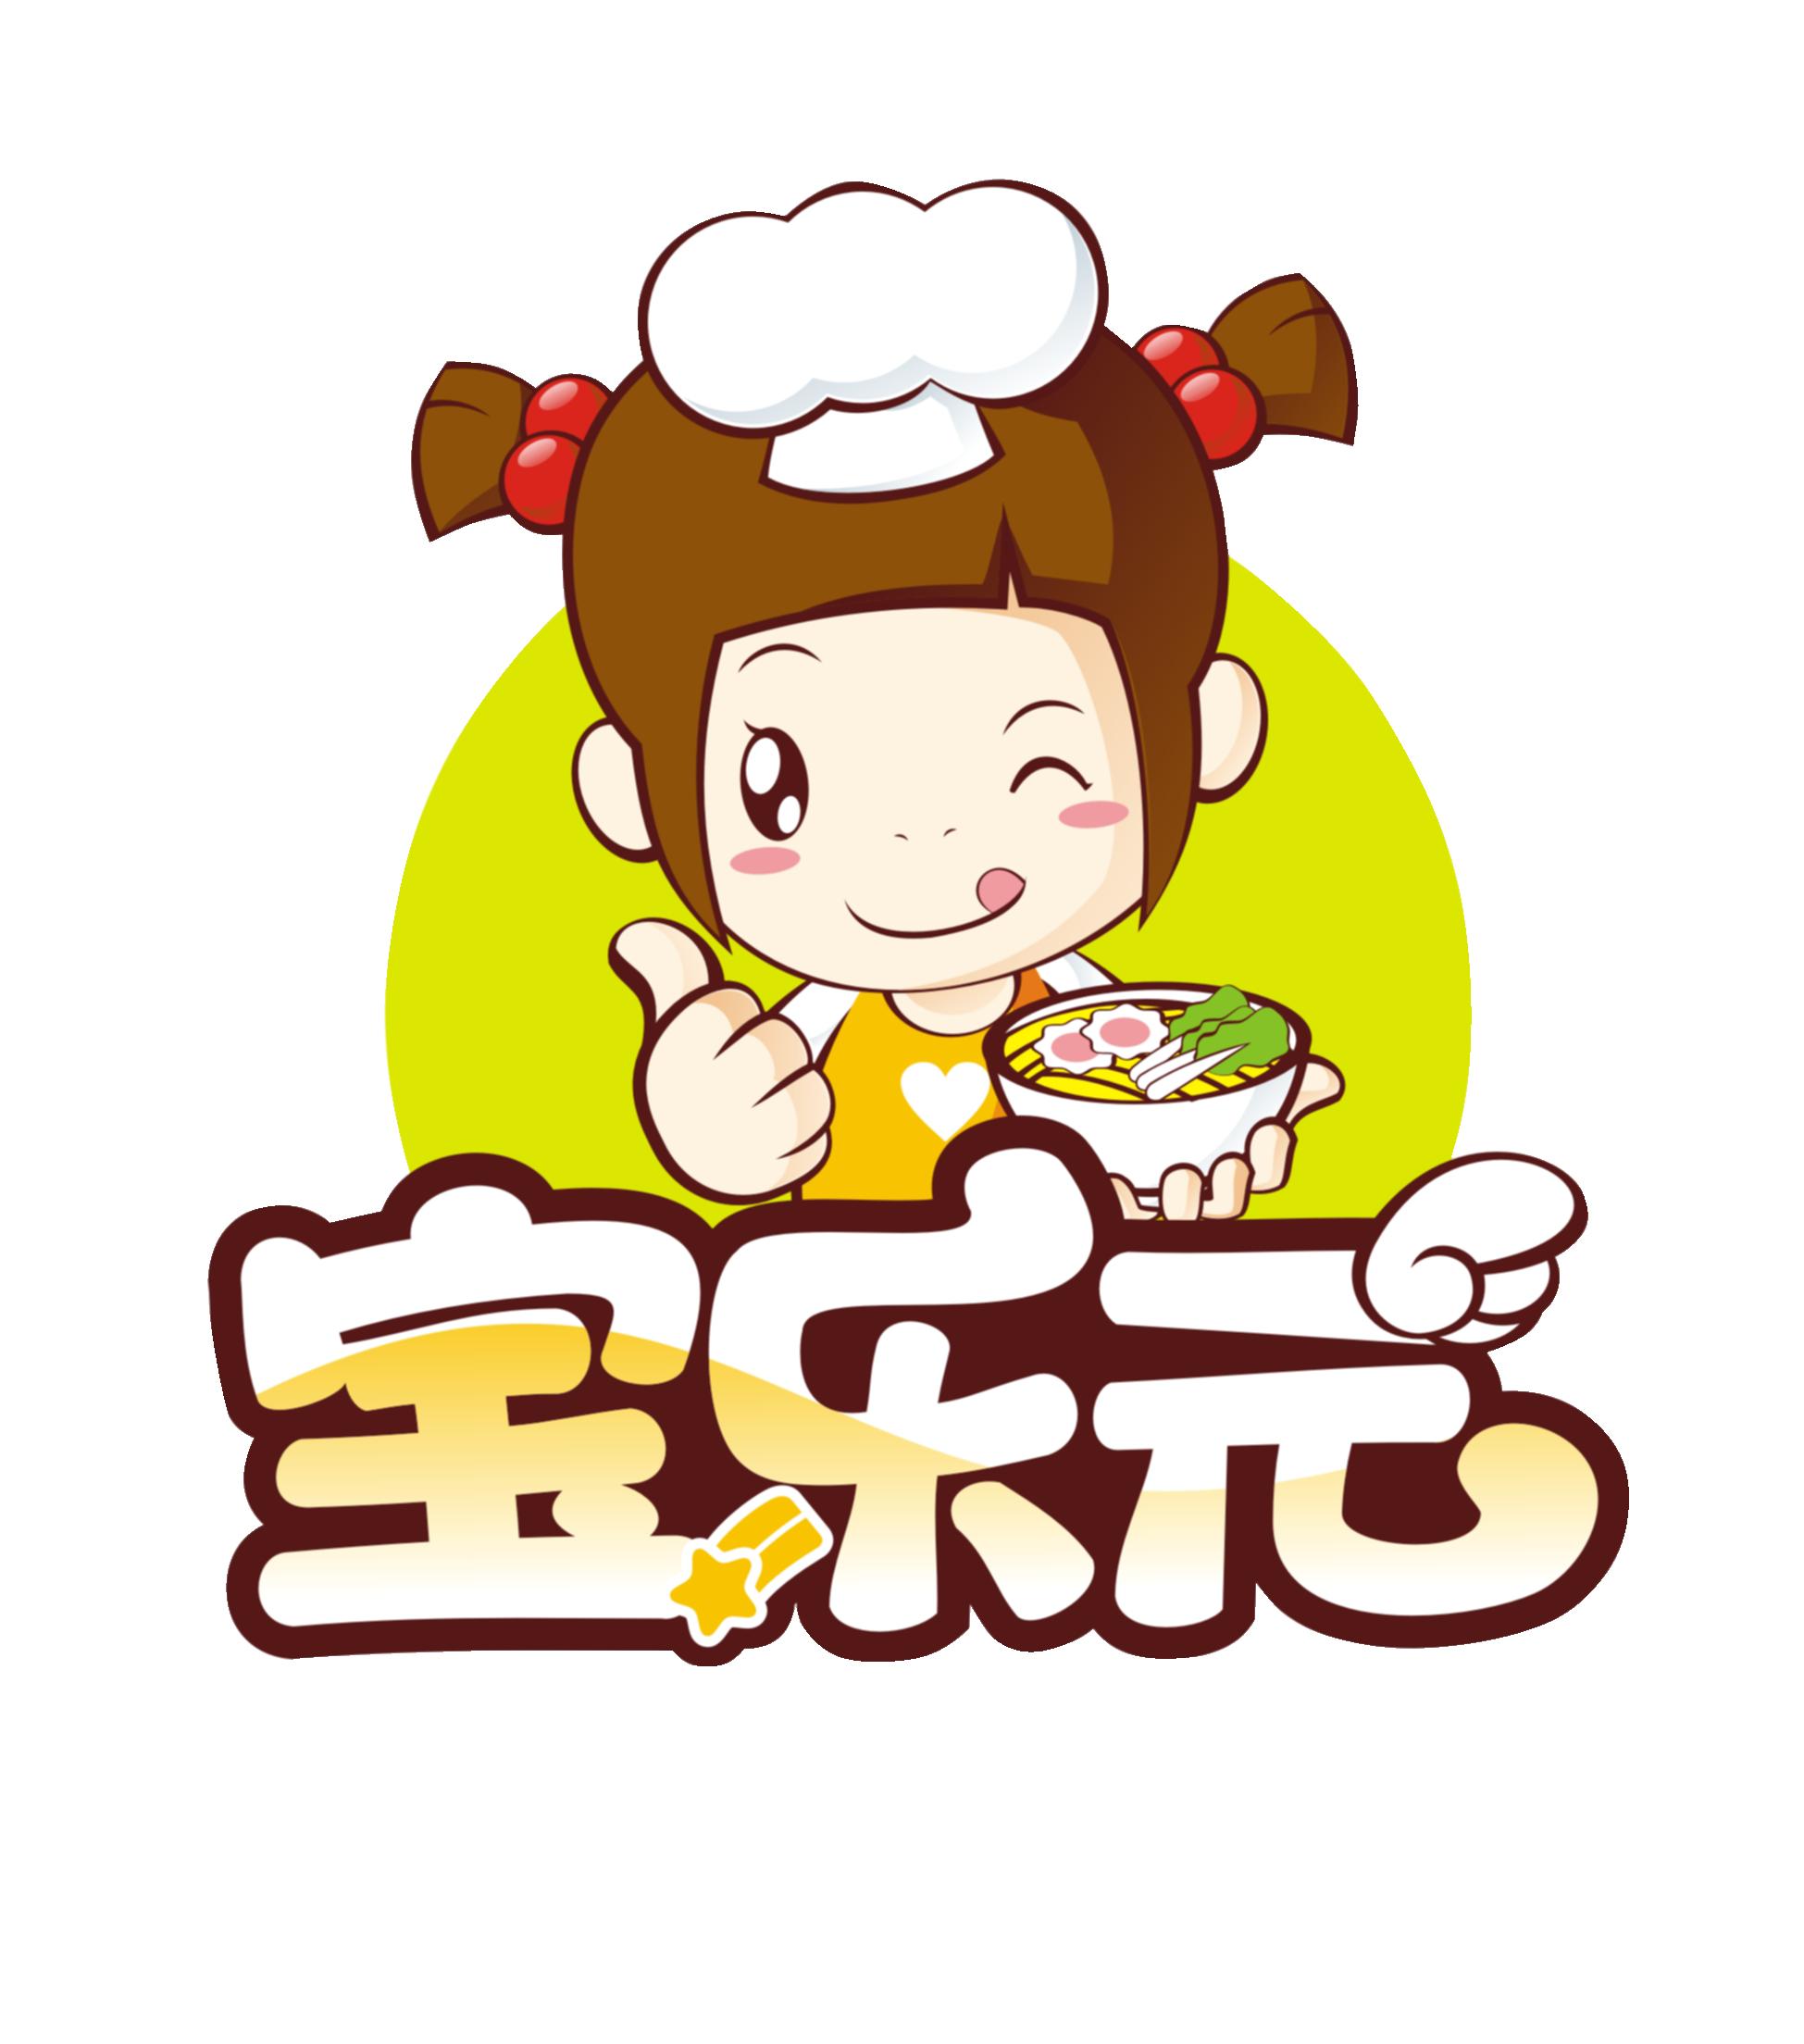 哈尔滨苏雪食品有限公司